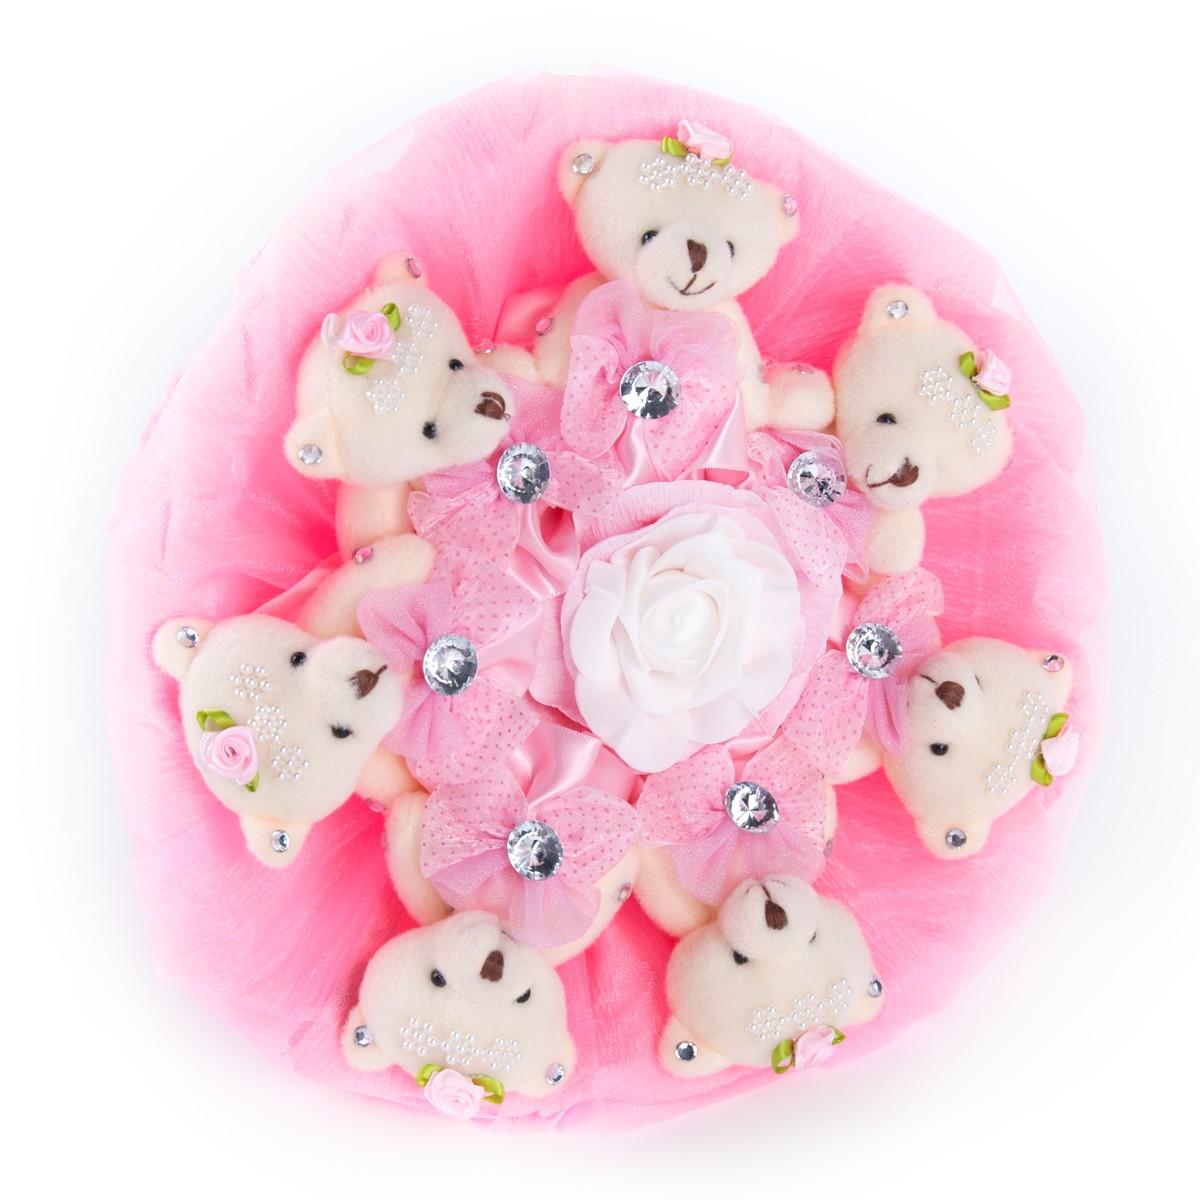 Букет из игрушек (5 медведей) фото в интернет-магазине Шарики 24